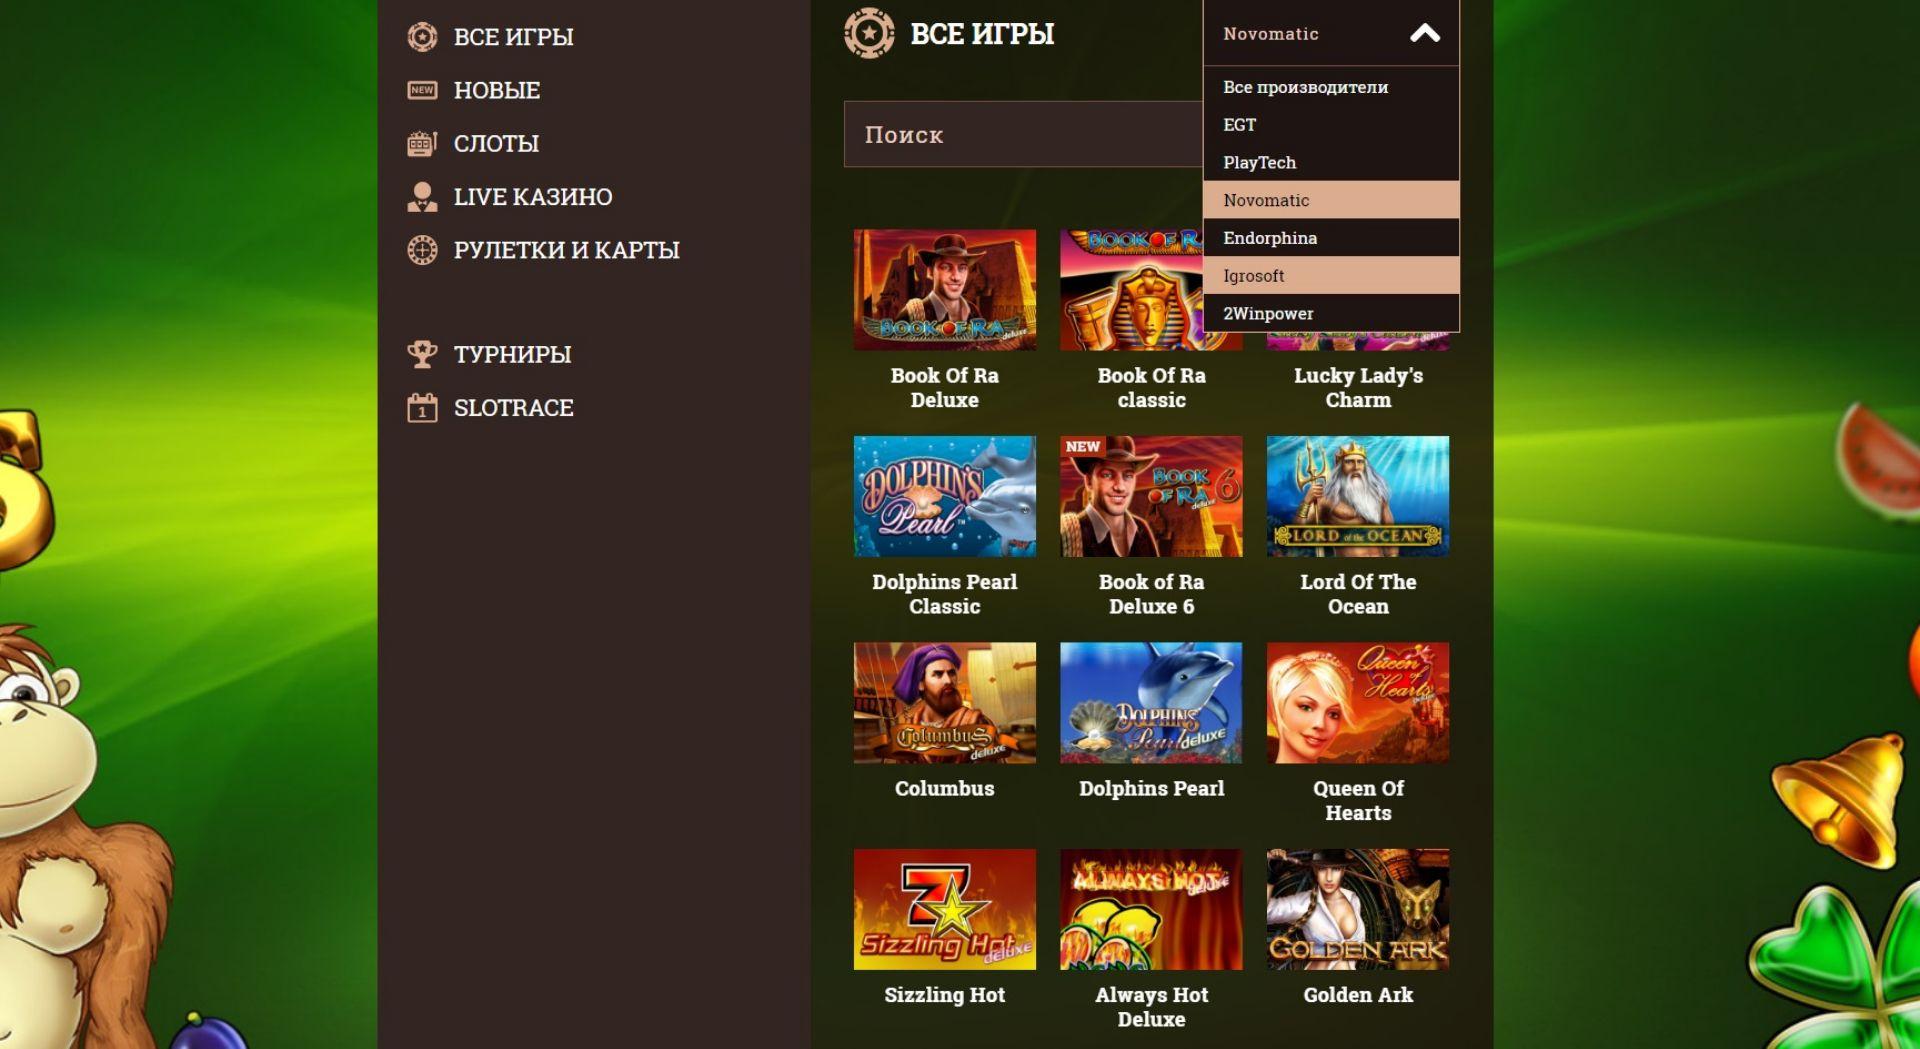 официальный сайт flint casino бездепозитный бонус